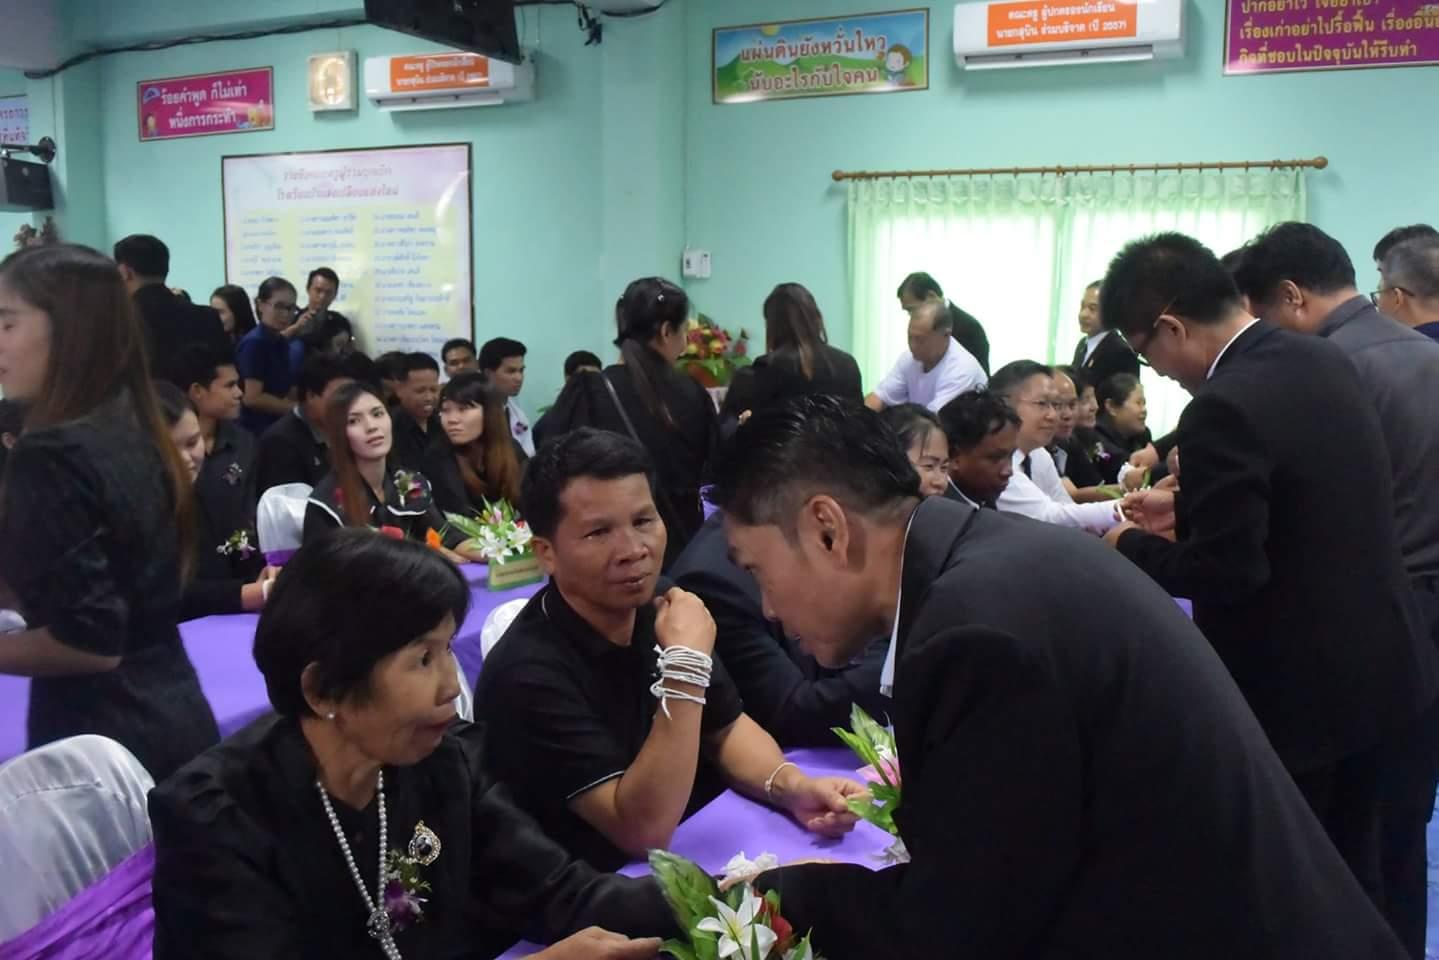 การประชุมสามัญประจำปีและพิธีบายศรีสู่ขวัญต้อนรับครูใหม่